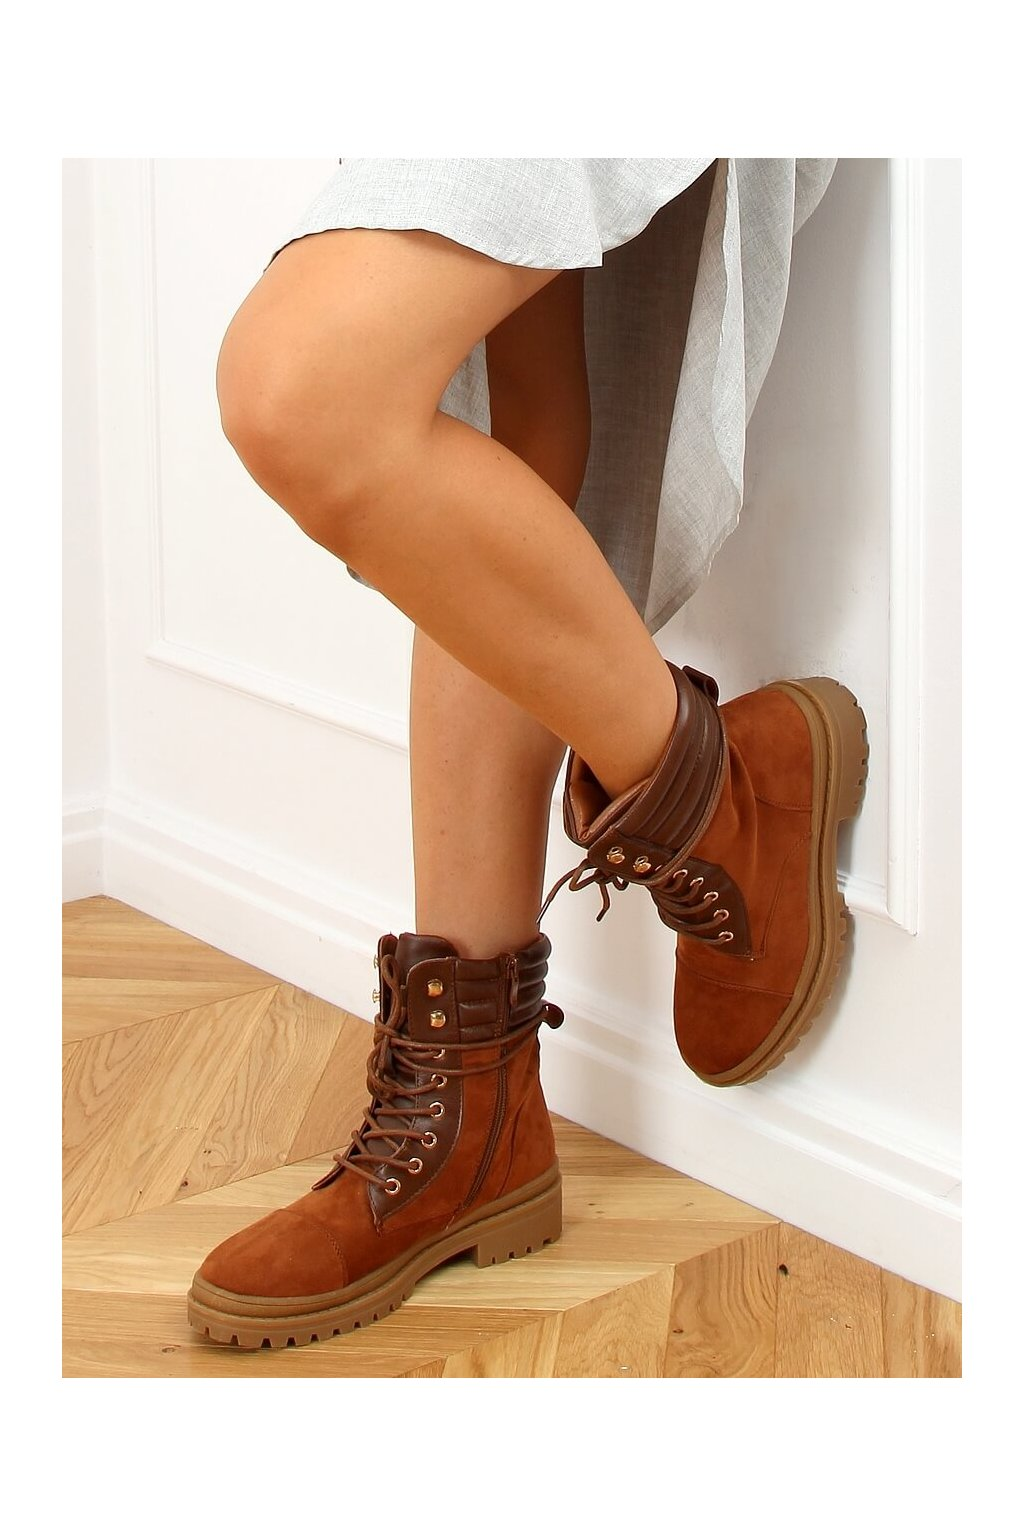 Dámske členkové topánky hnedé na plochom podpätku 5466